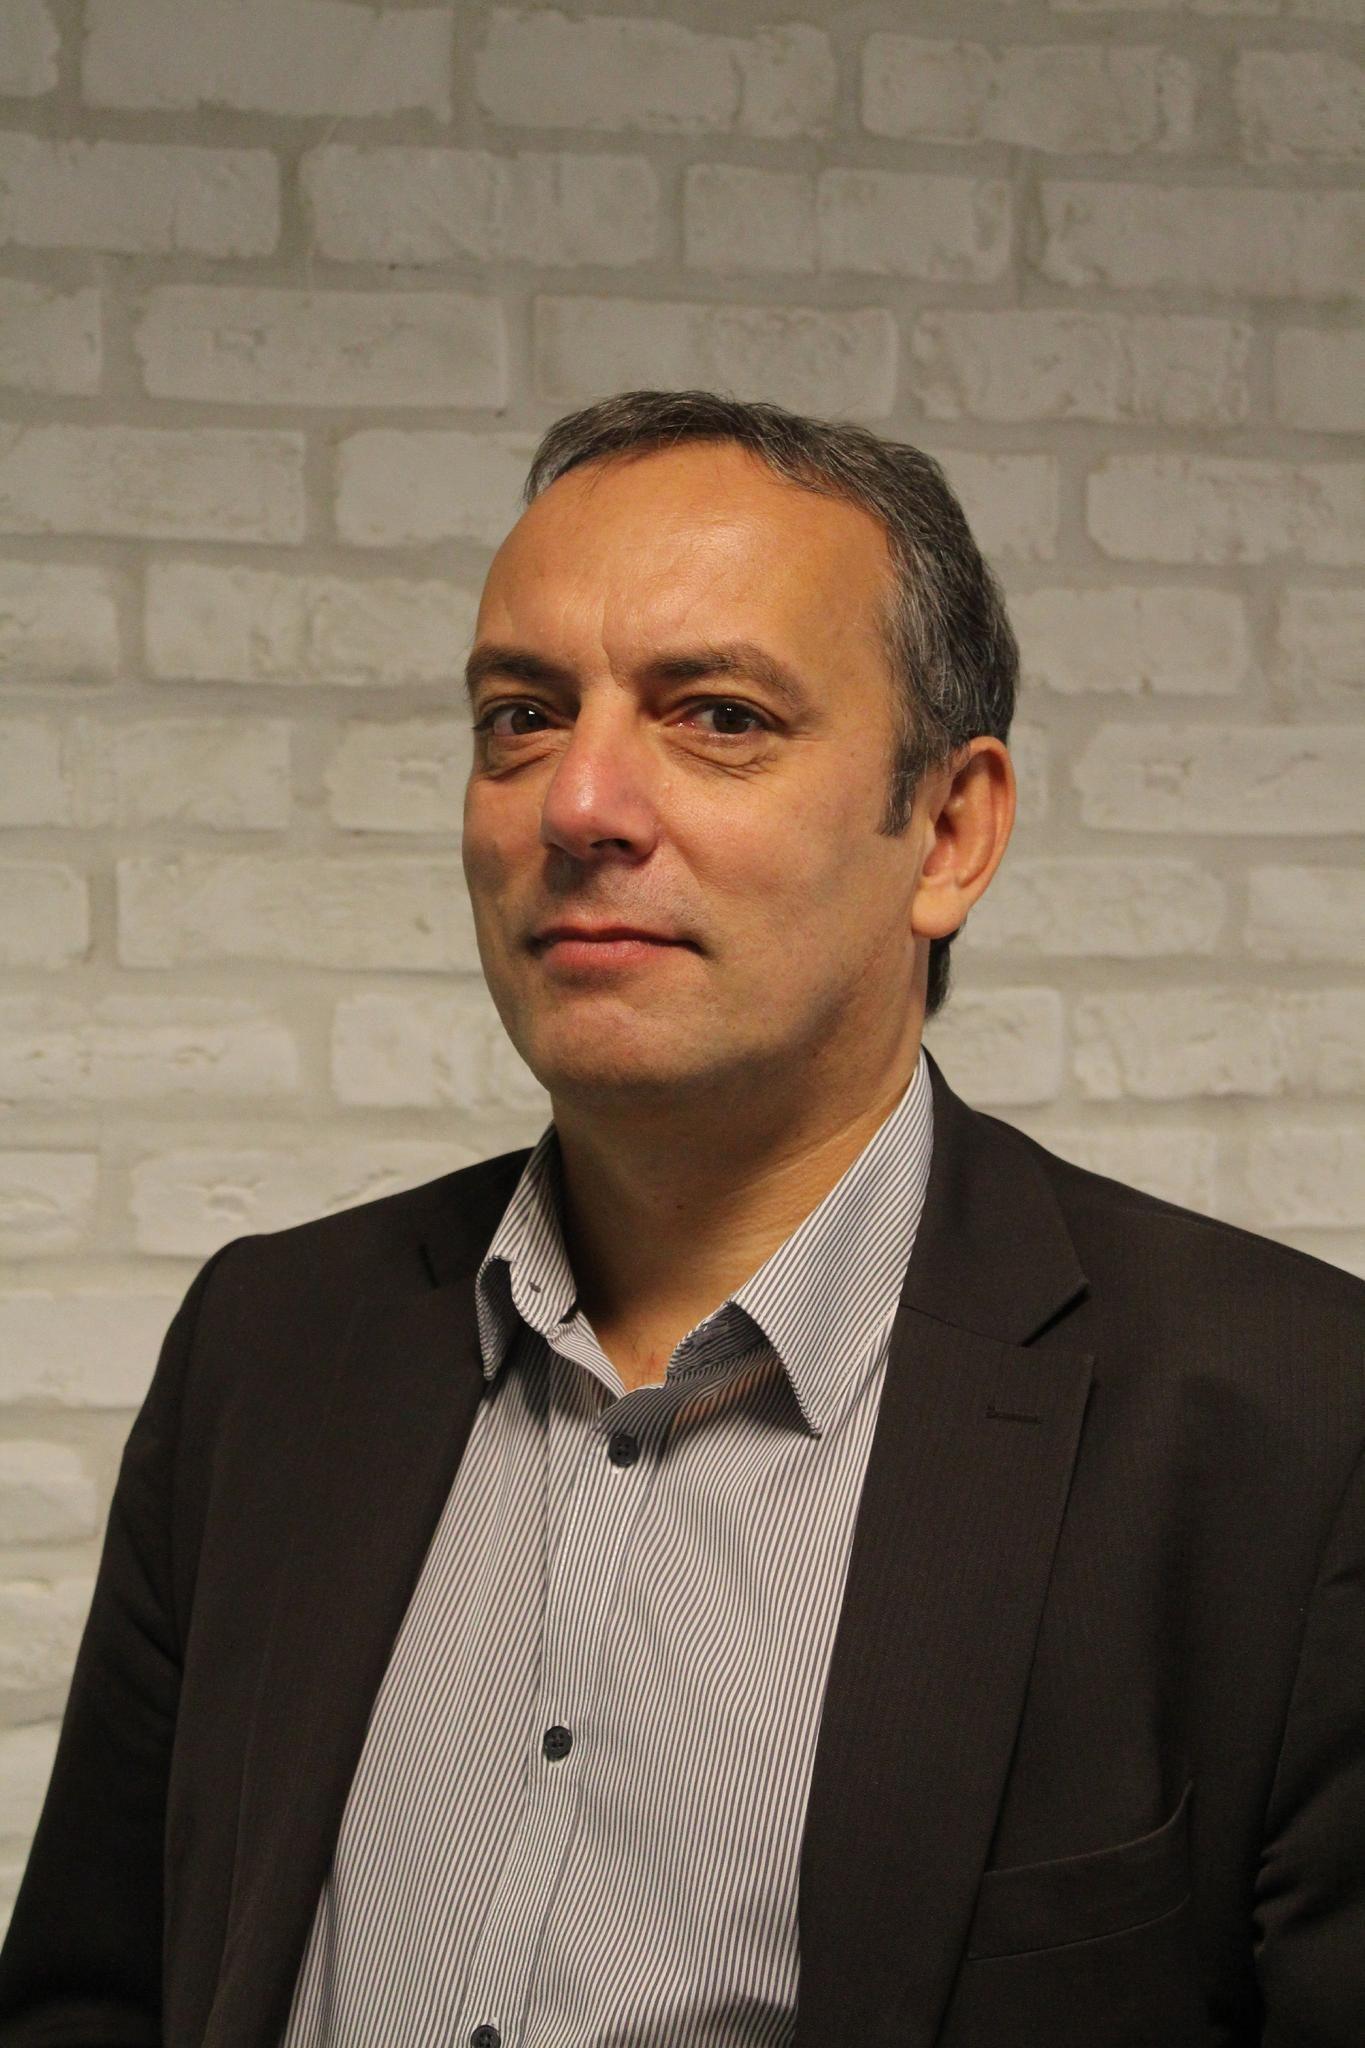 Nicolas Boudot